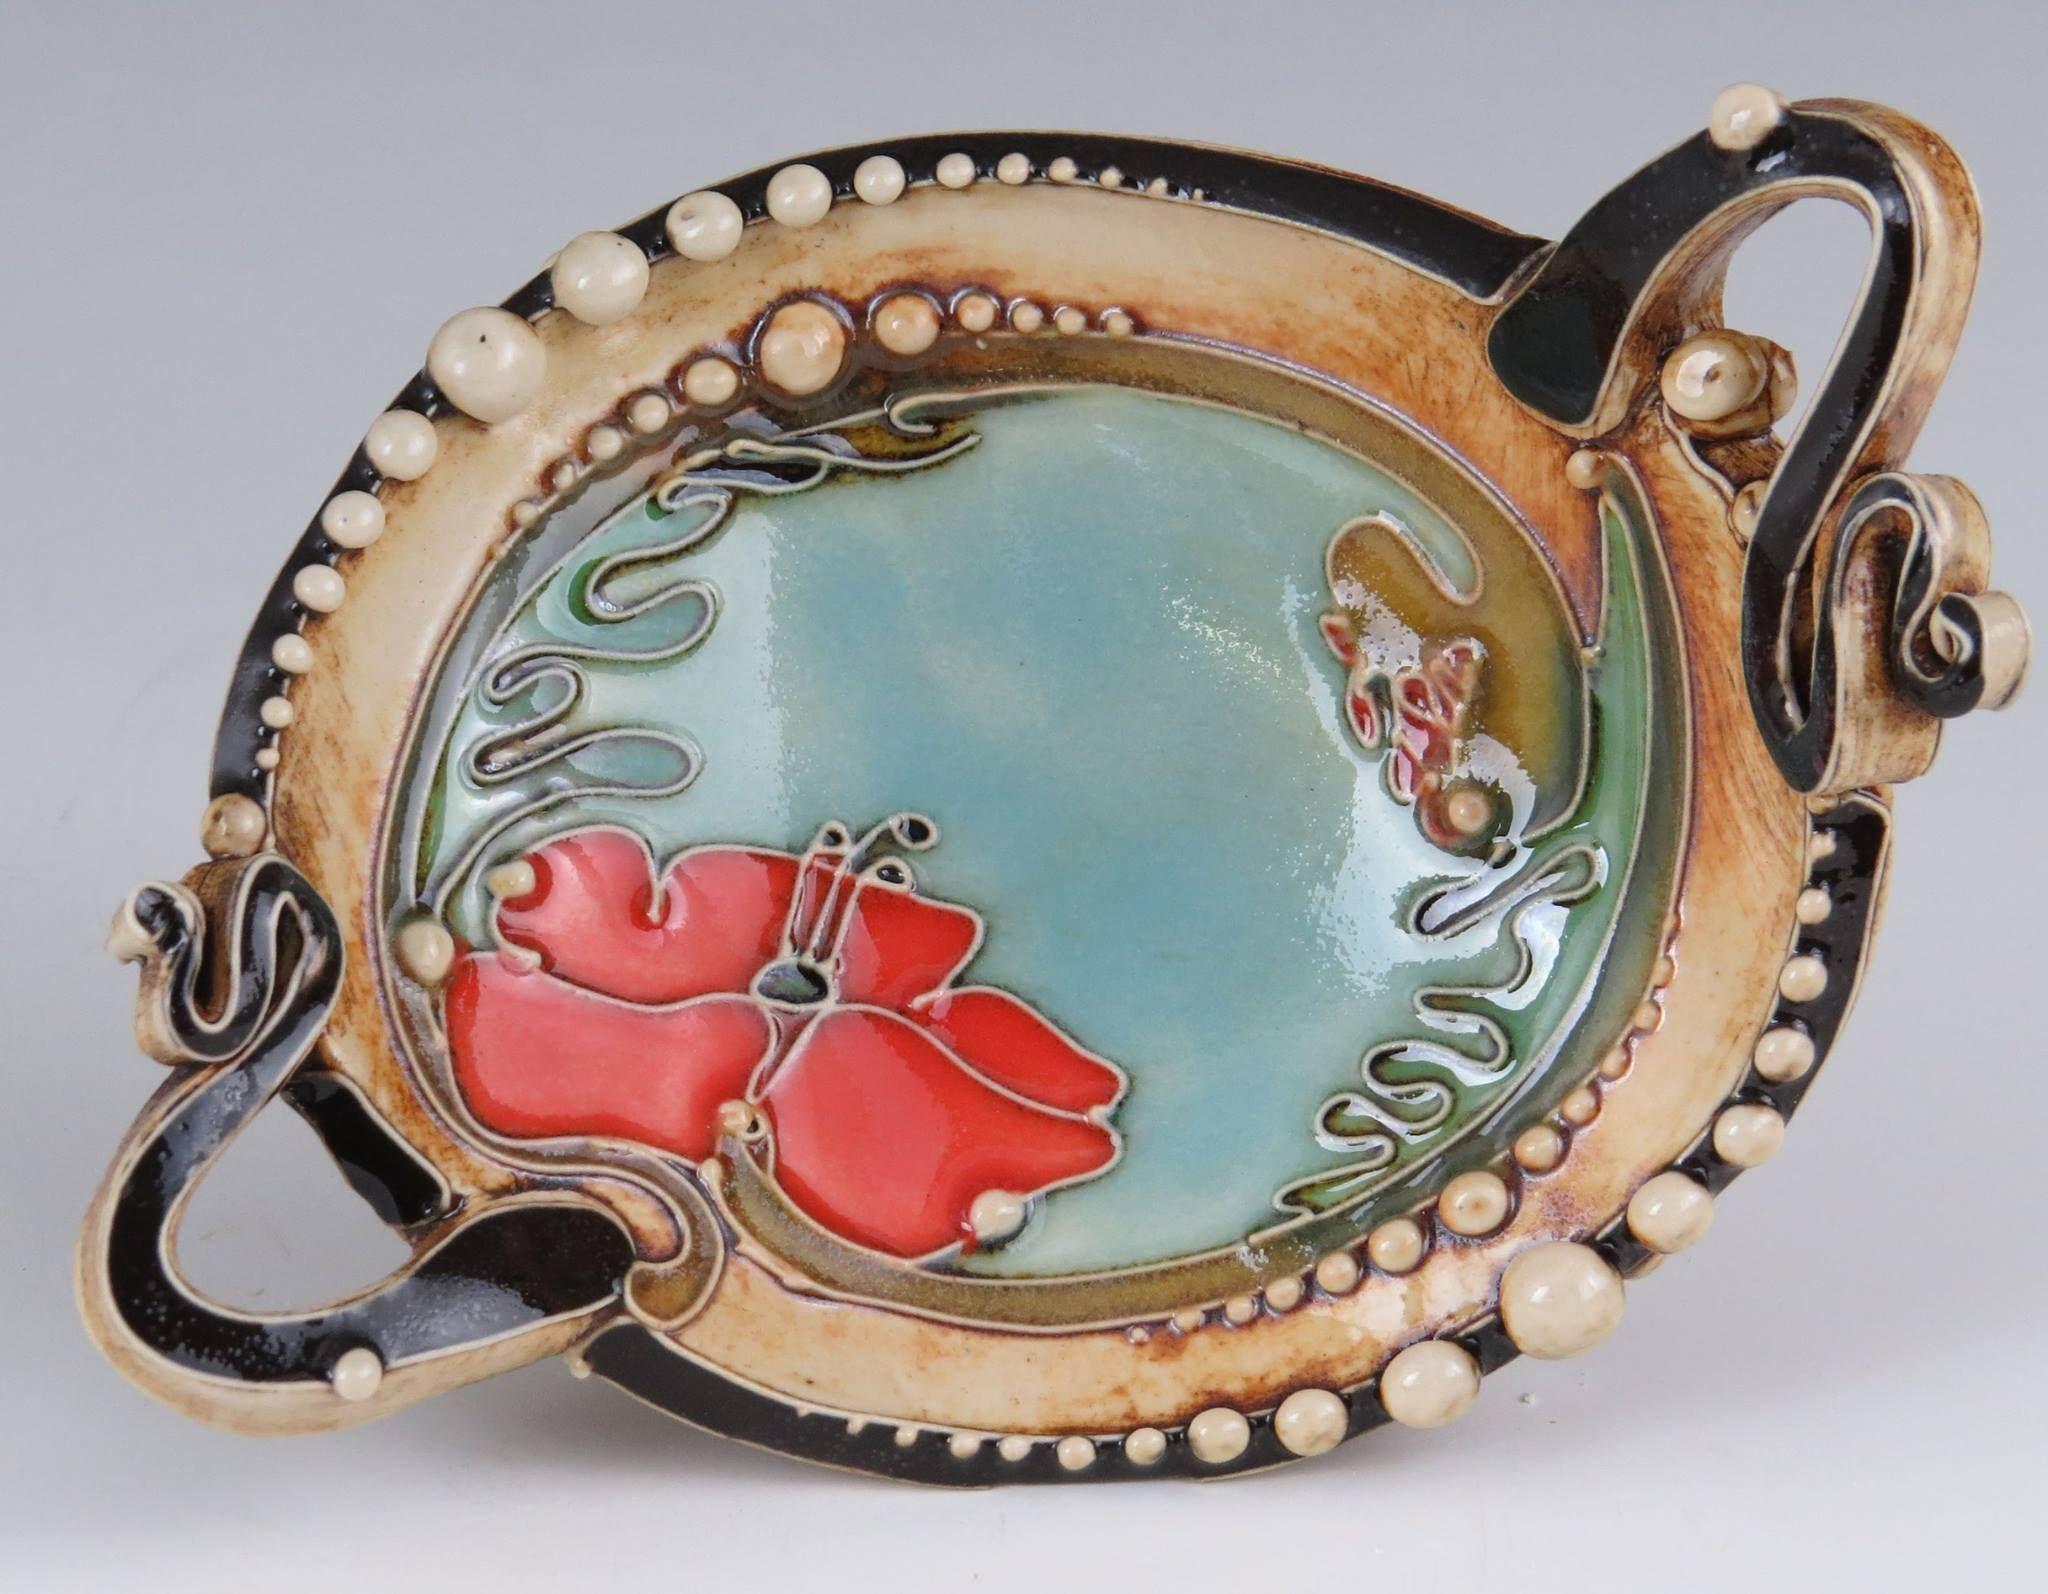 Carol Long Decorative Pottery Pottery Designs Pottery Art